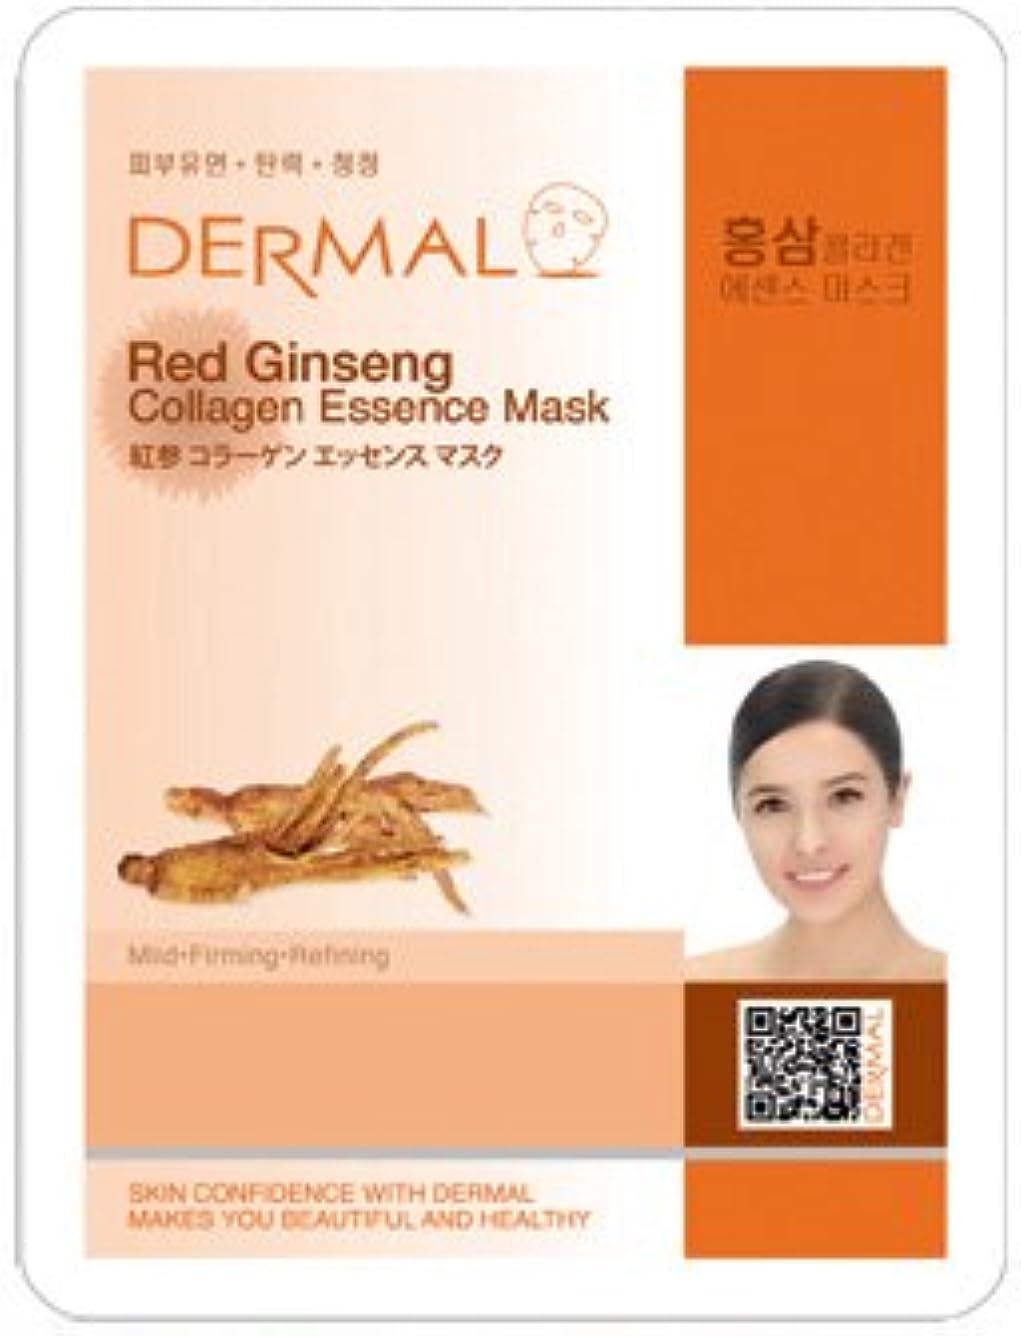 シャットメディカル力強いシートマスク 紅参 100枚セット ダーマル(Dermal) フェイス パック